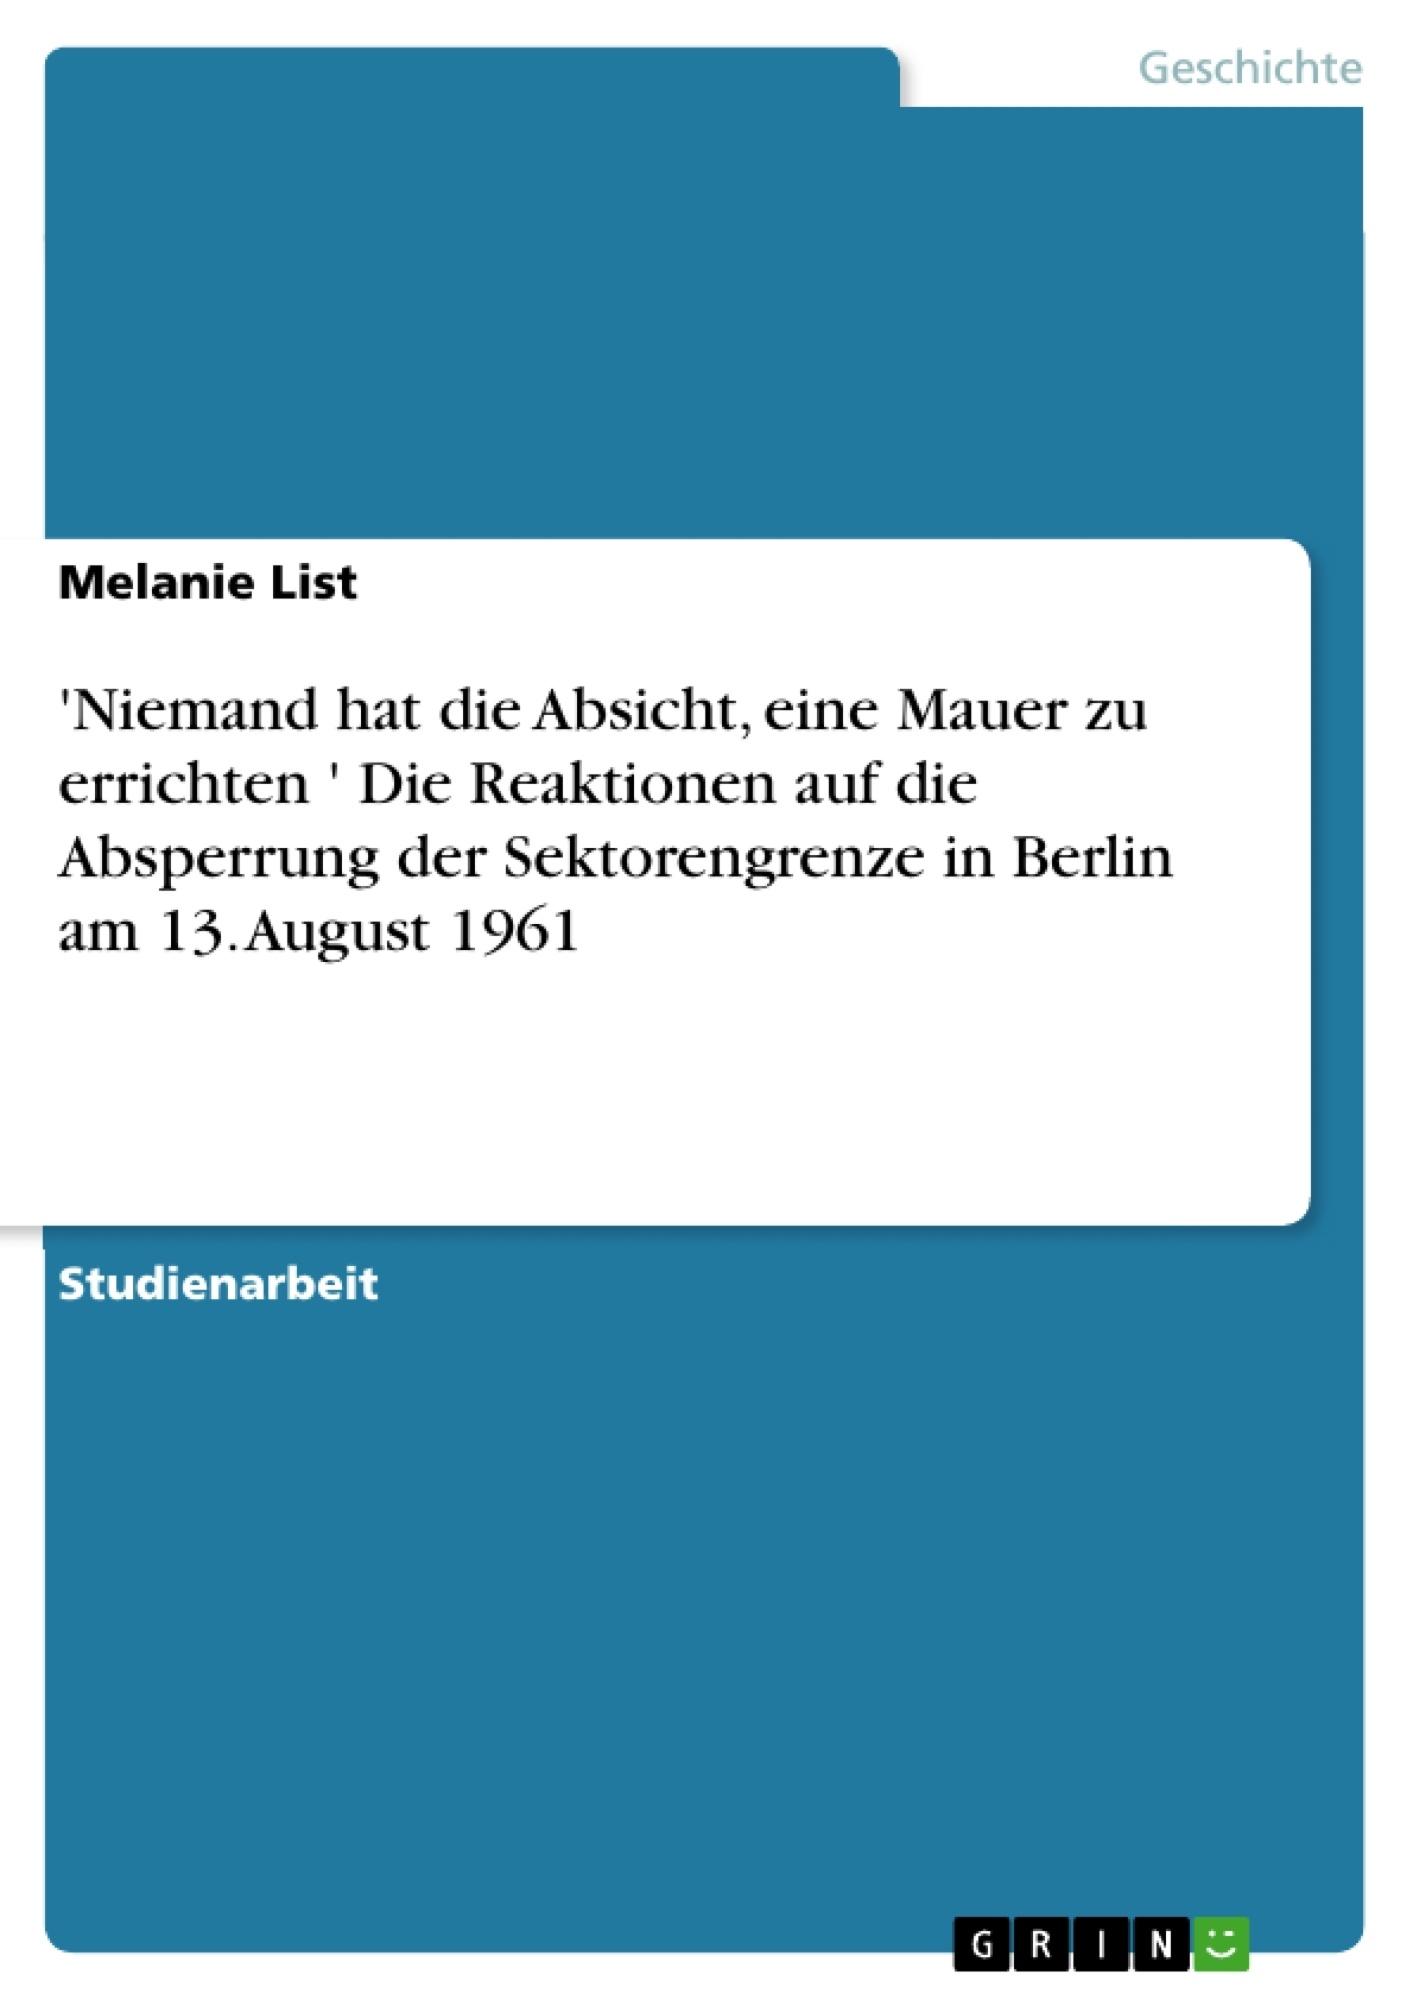 Titel: 'Niemand hat die Absicht, eine Mauer zu errichten…'  Die Reaktionen auf die Absperrung der Sektorengrenze in Berlin am 13. August 1961